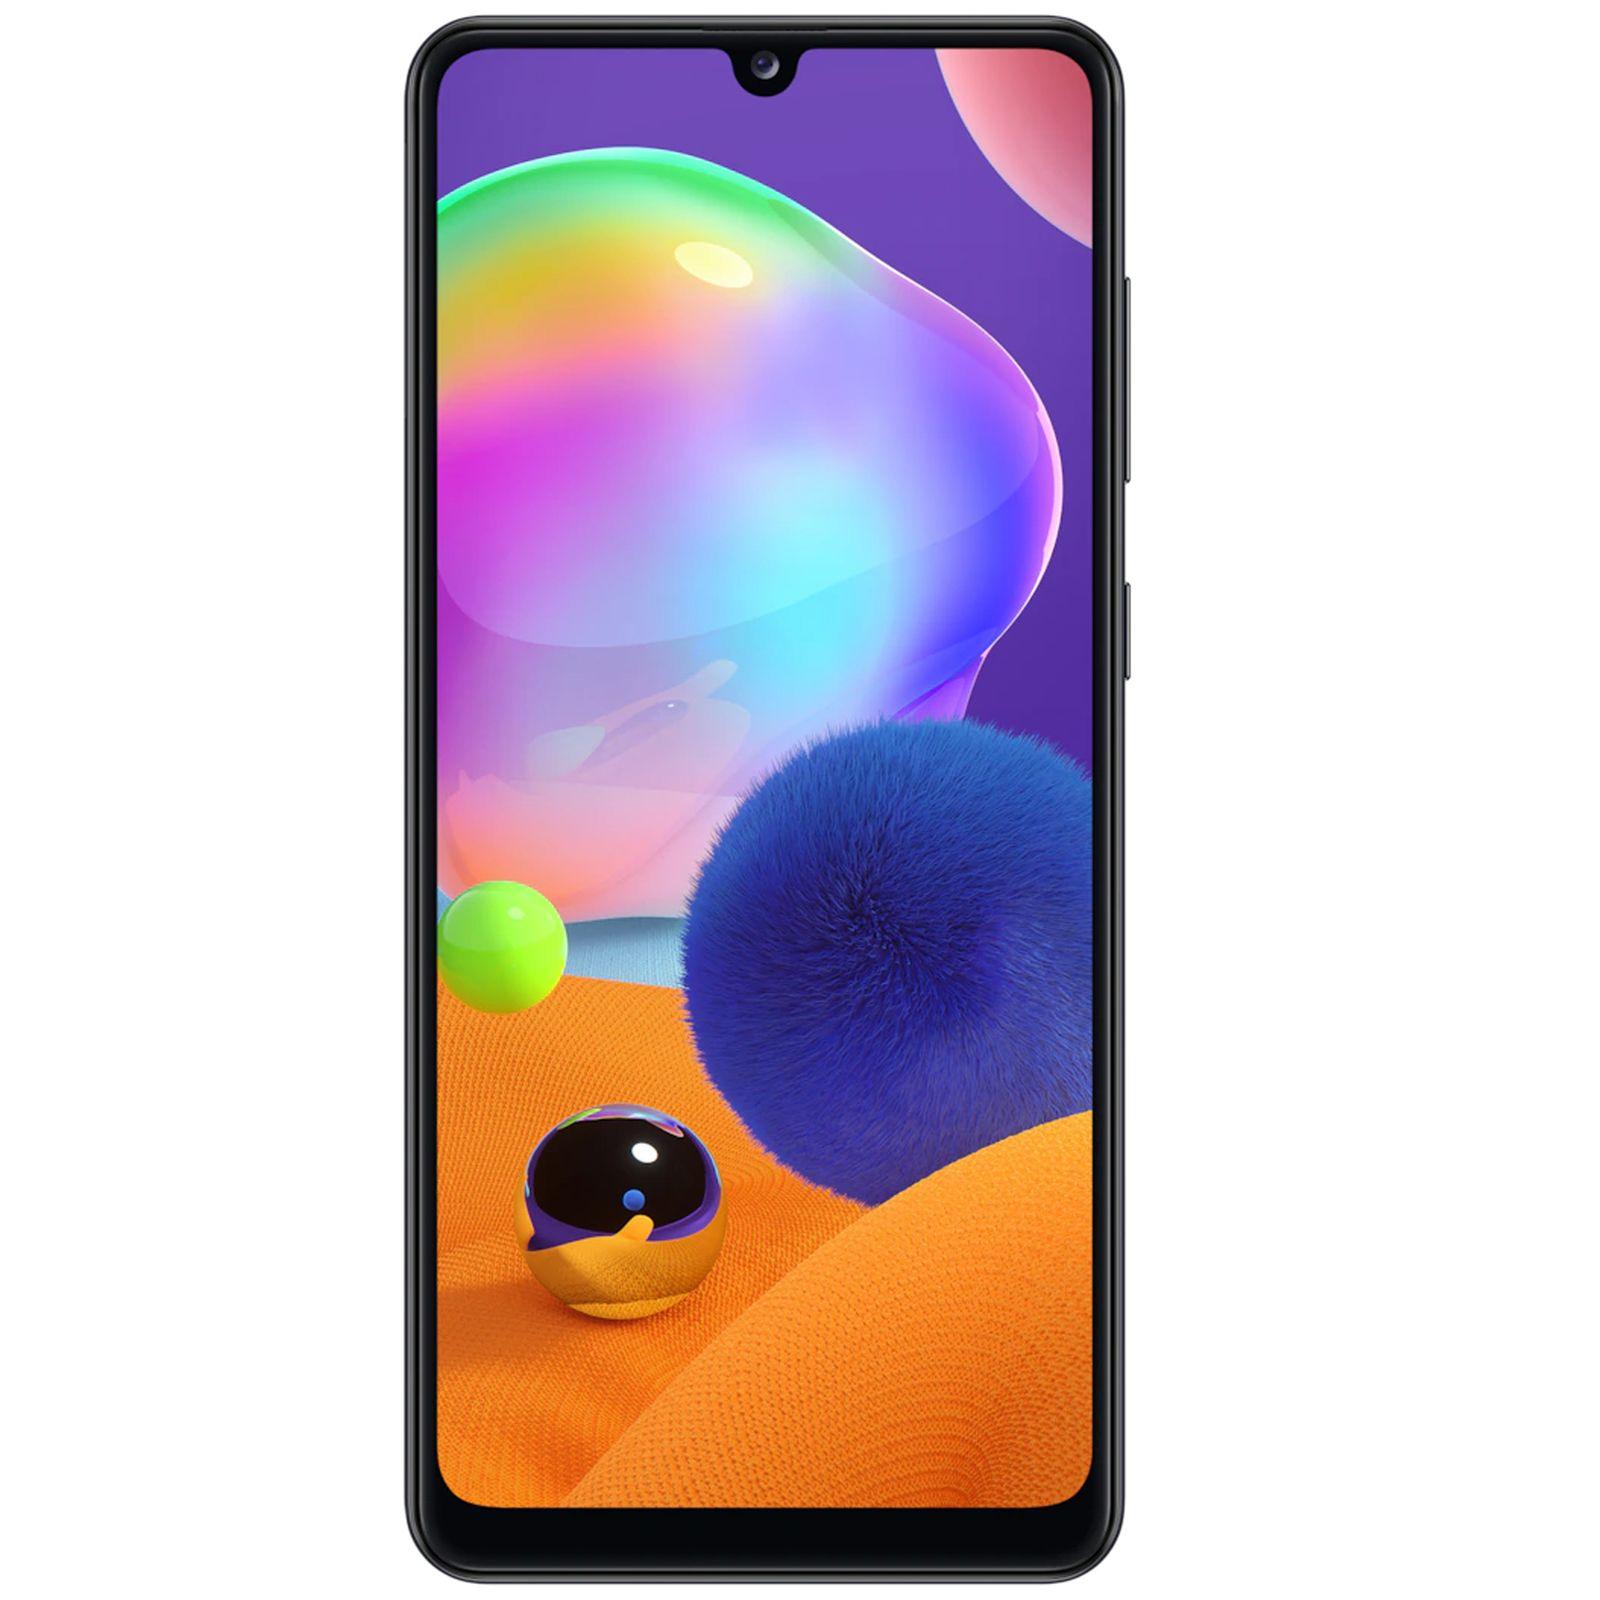 گوشی موبایل سامسونگ مدل Galaxy A31 SM-A315F/DS دو سیم کارت ظرفیت 128 گیگابایت main 1 1